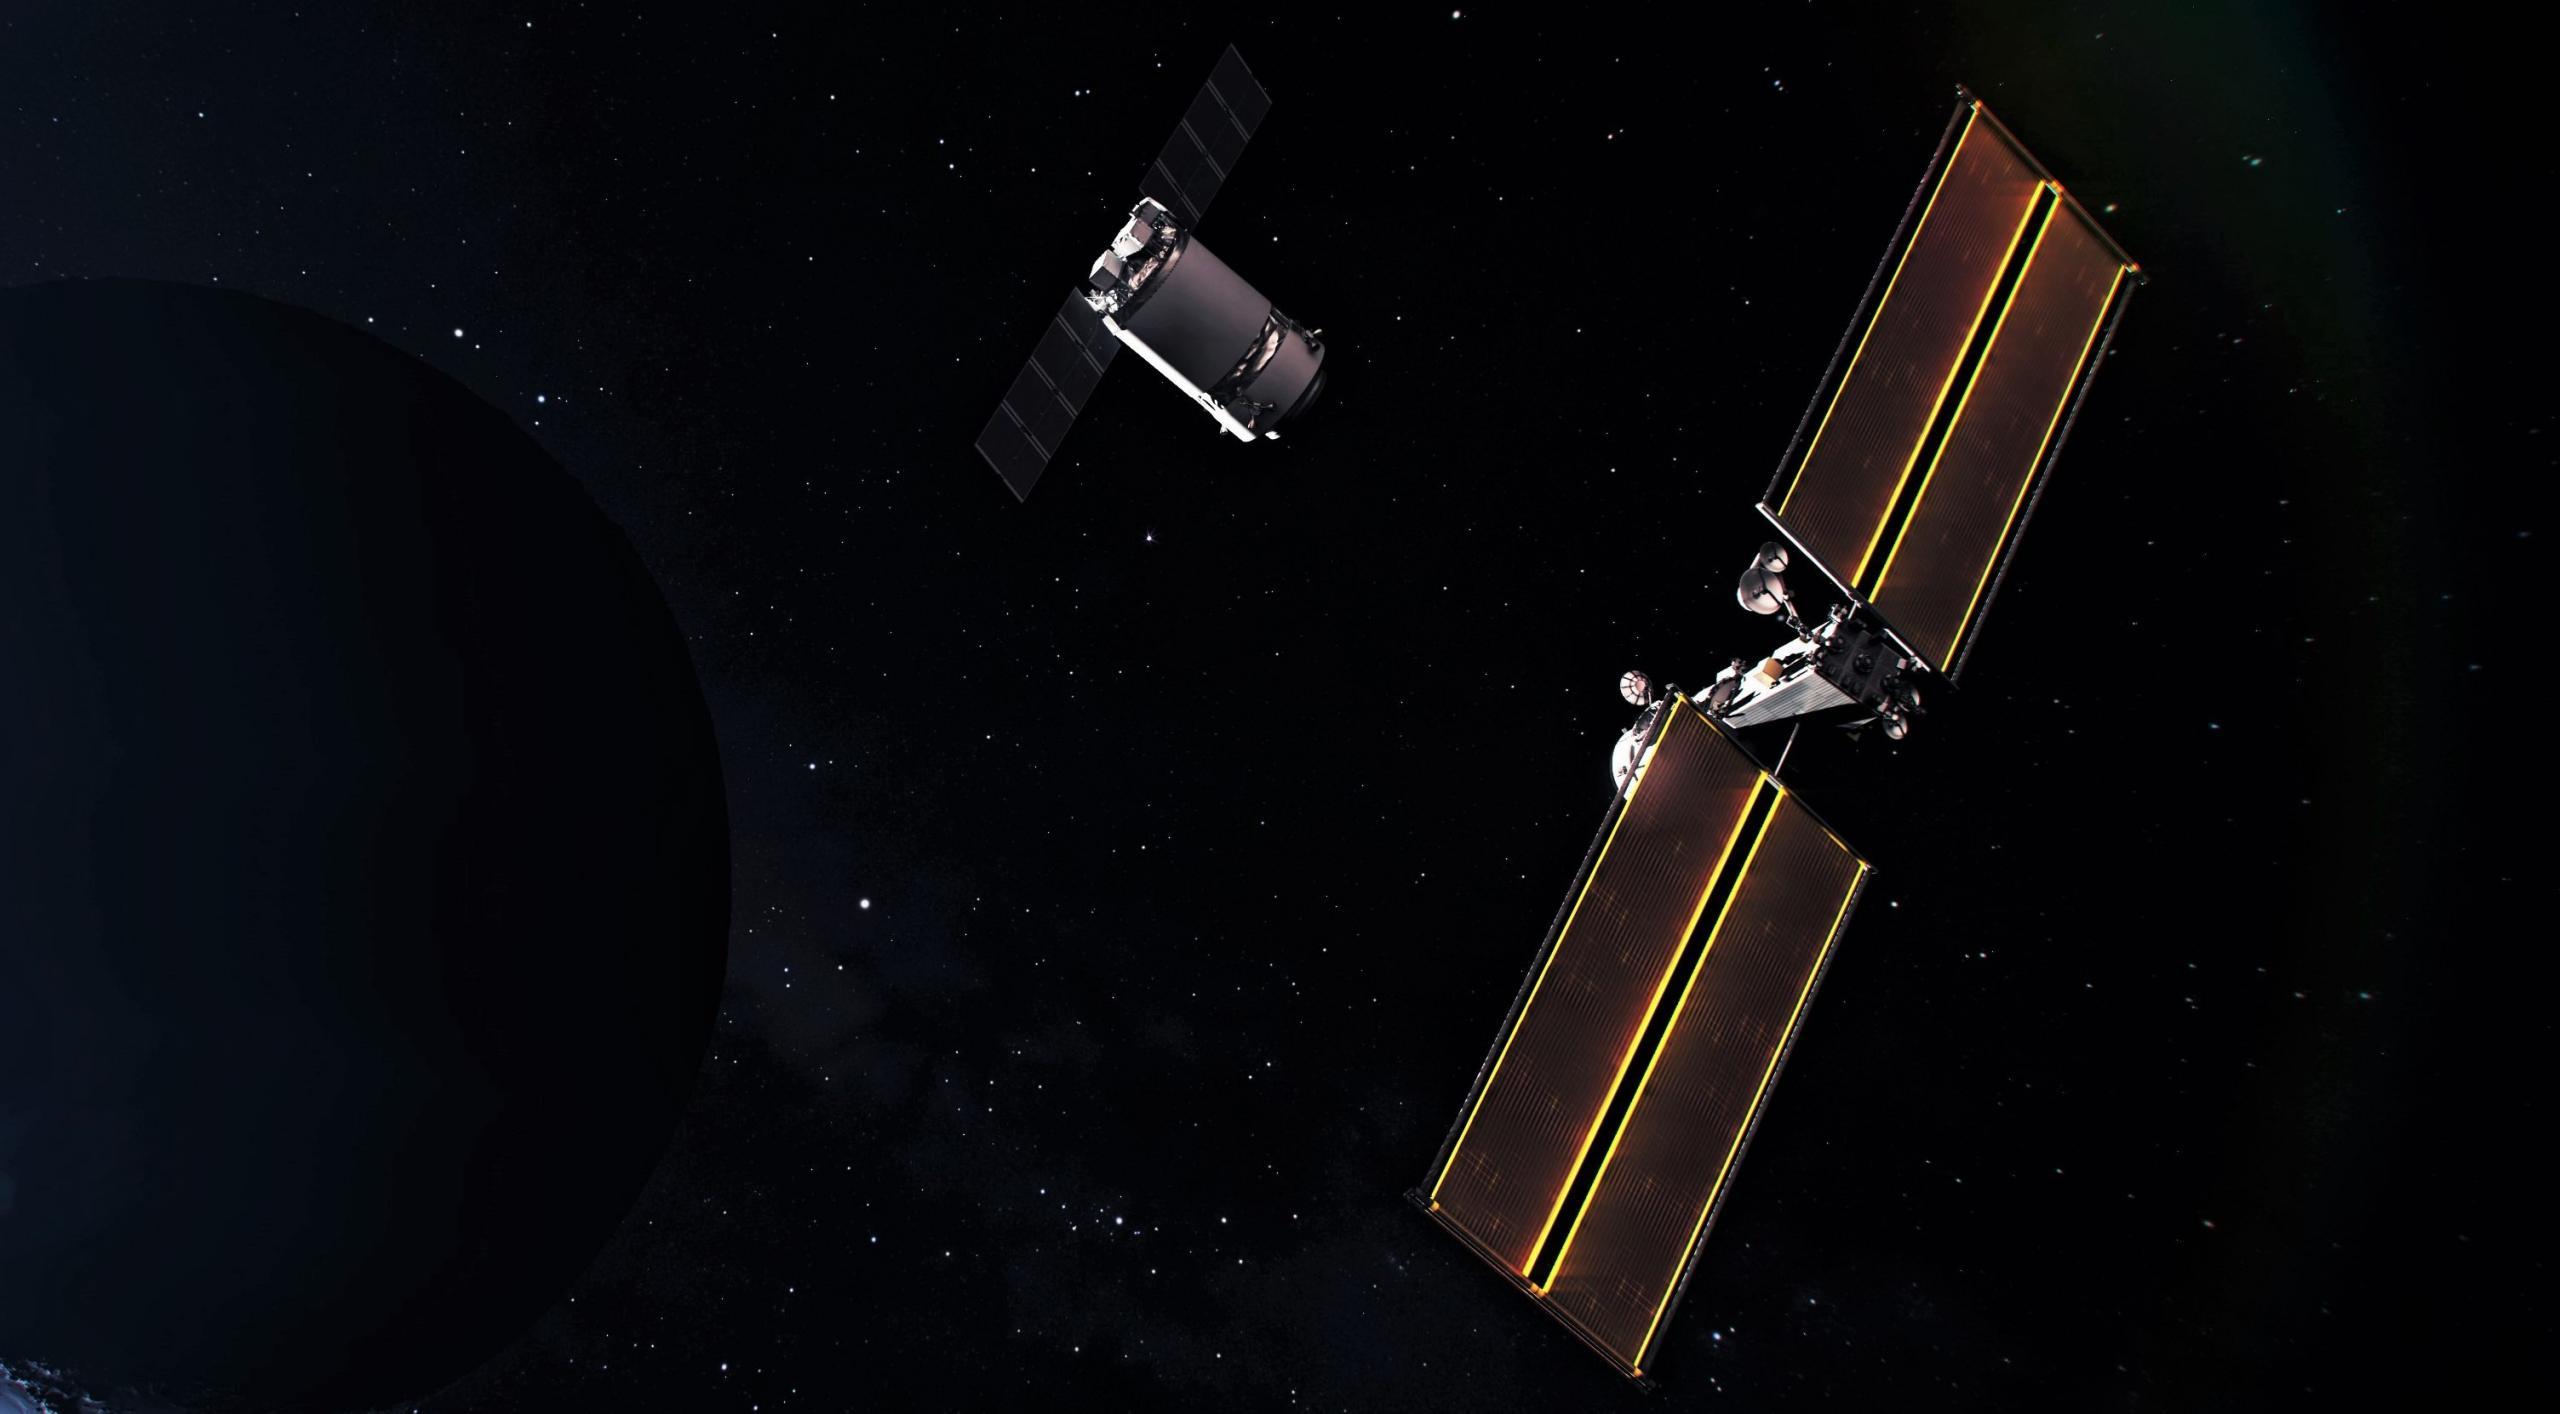 Dragon XL Gateway renders 2021 (NASA) 5 crop edit 2 (c)